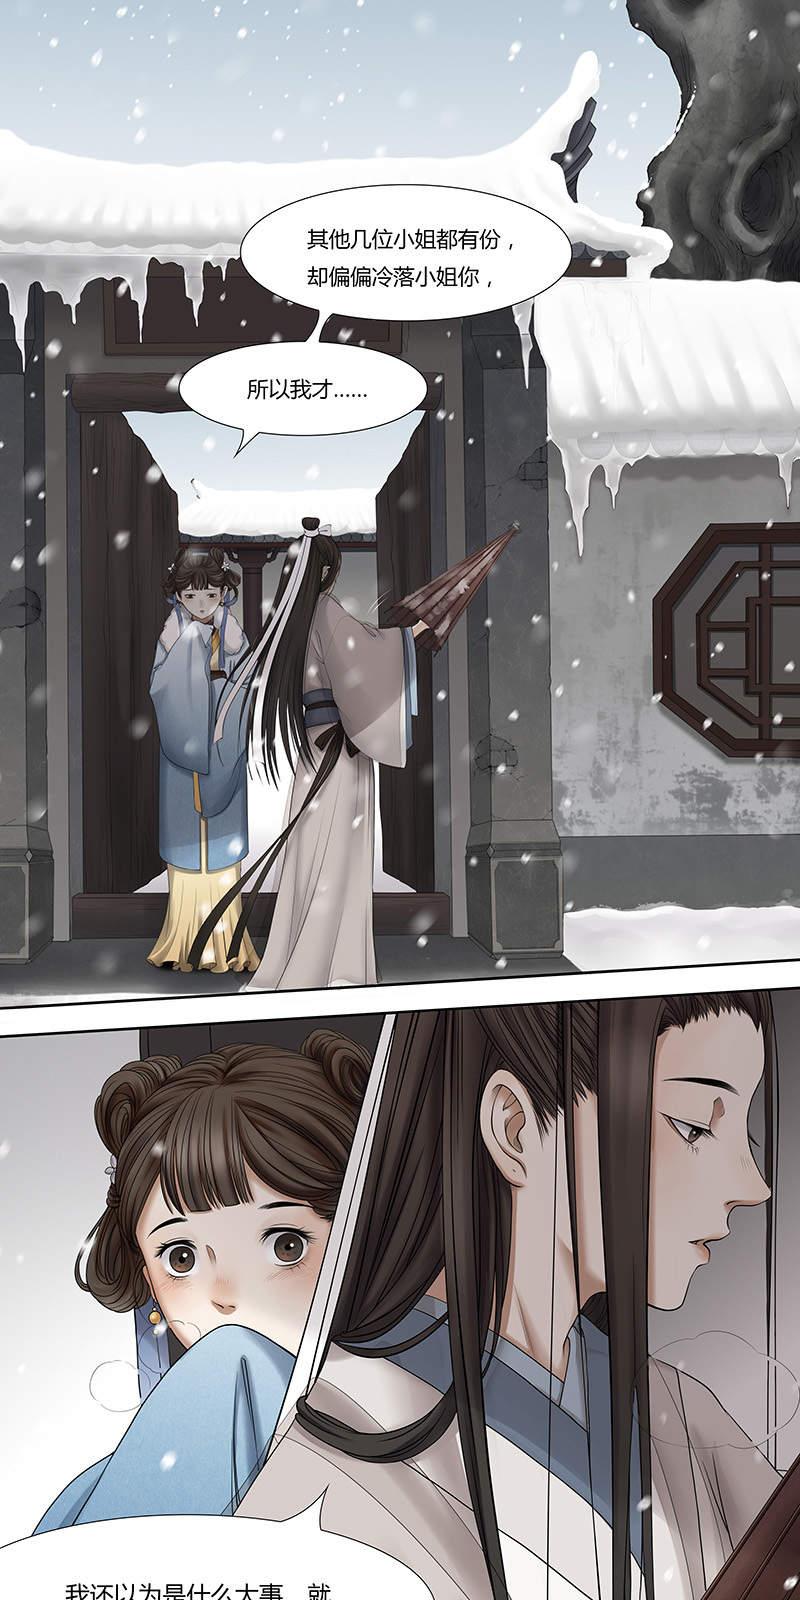 画骨女仵作第3话  身世 第 26